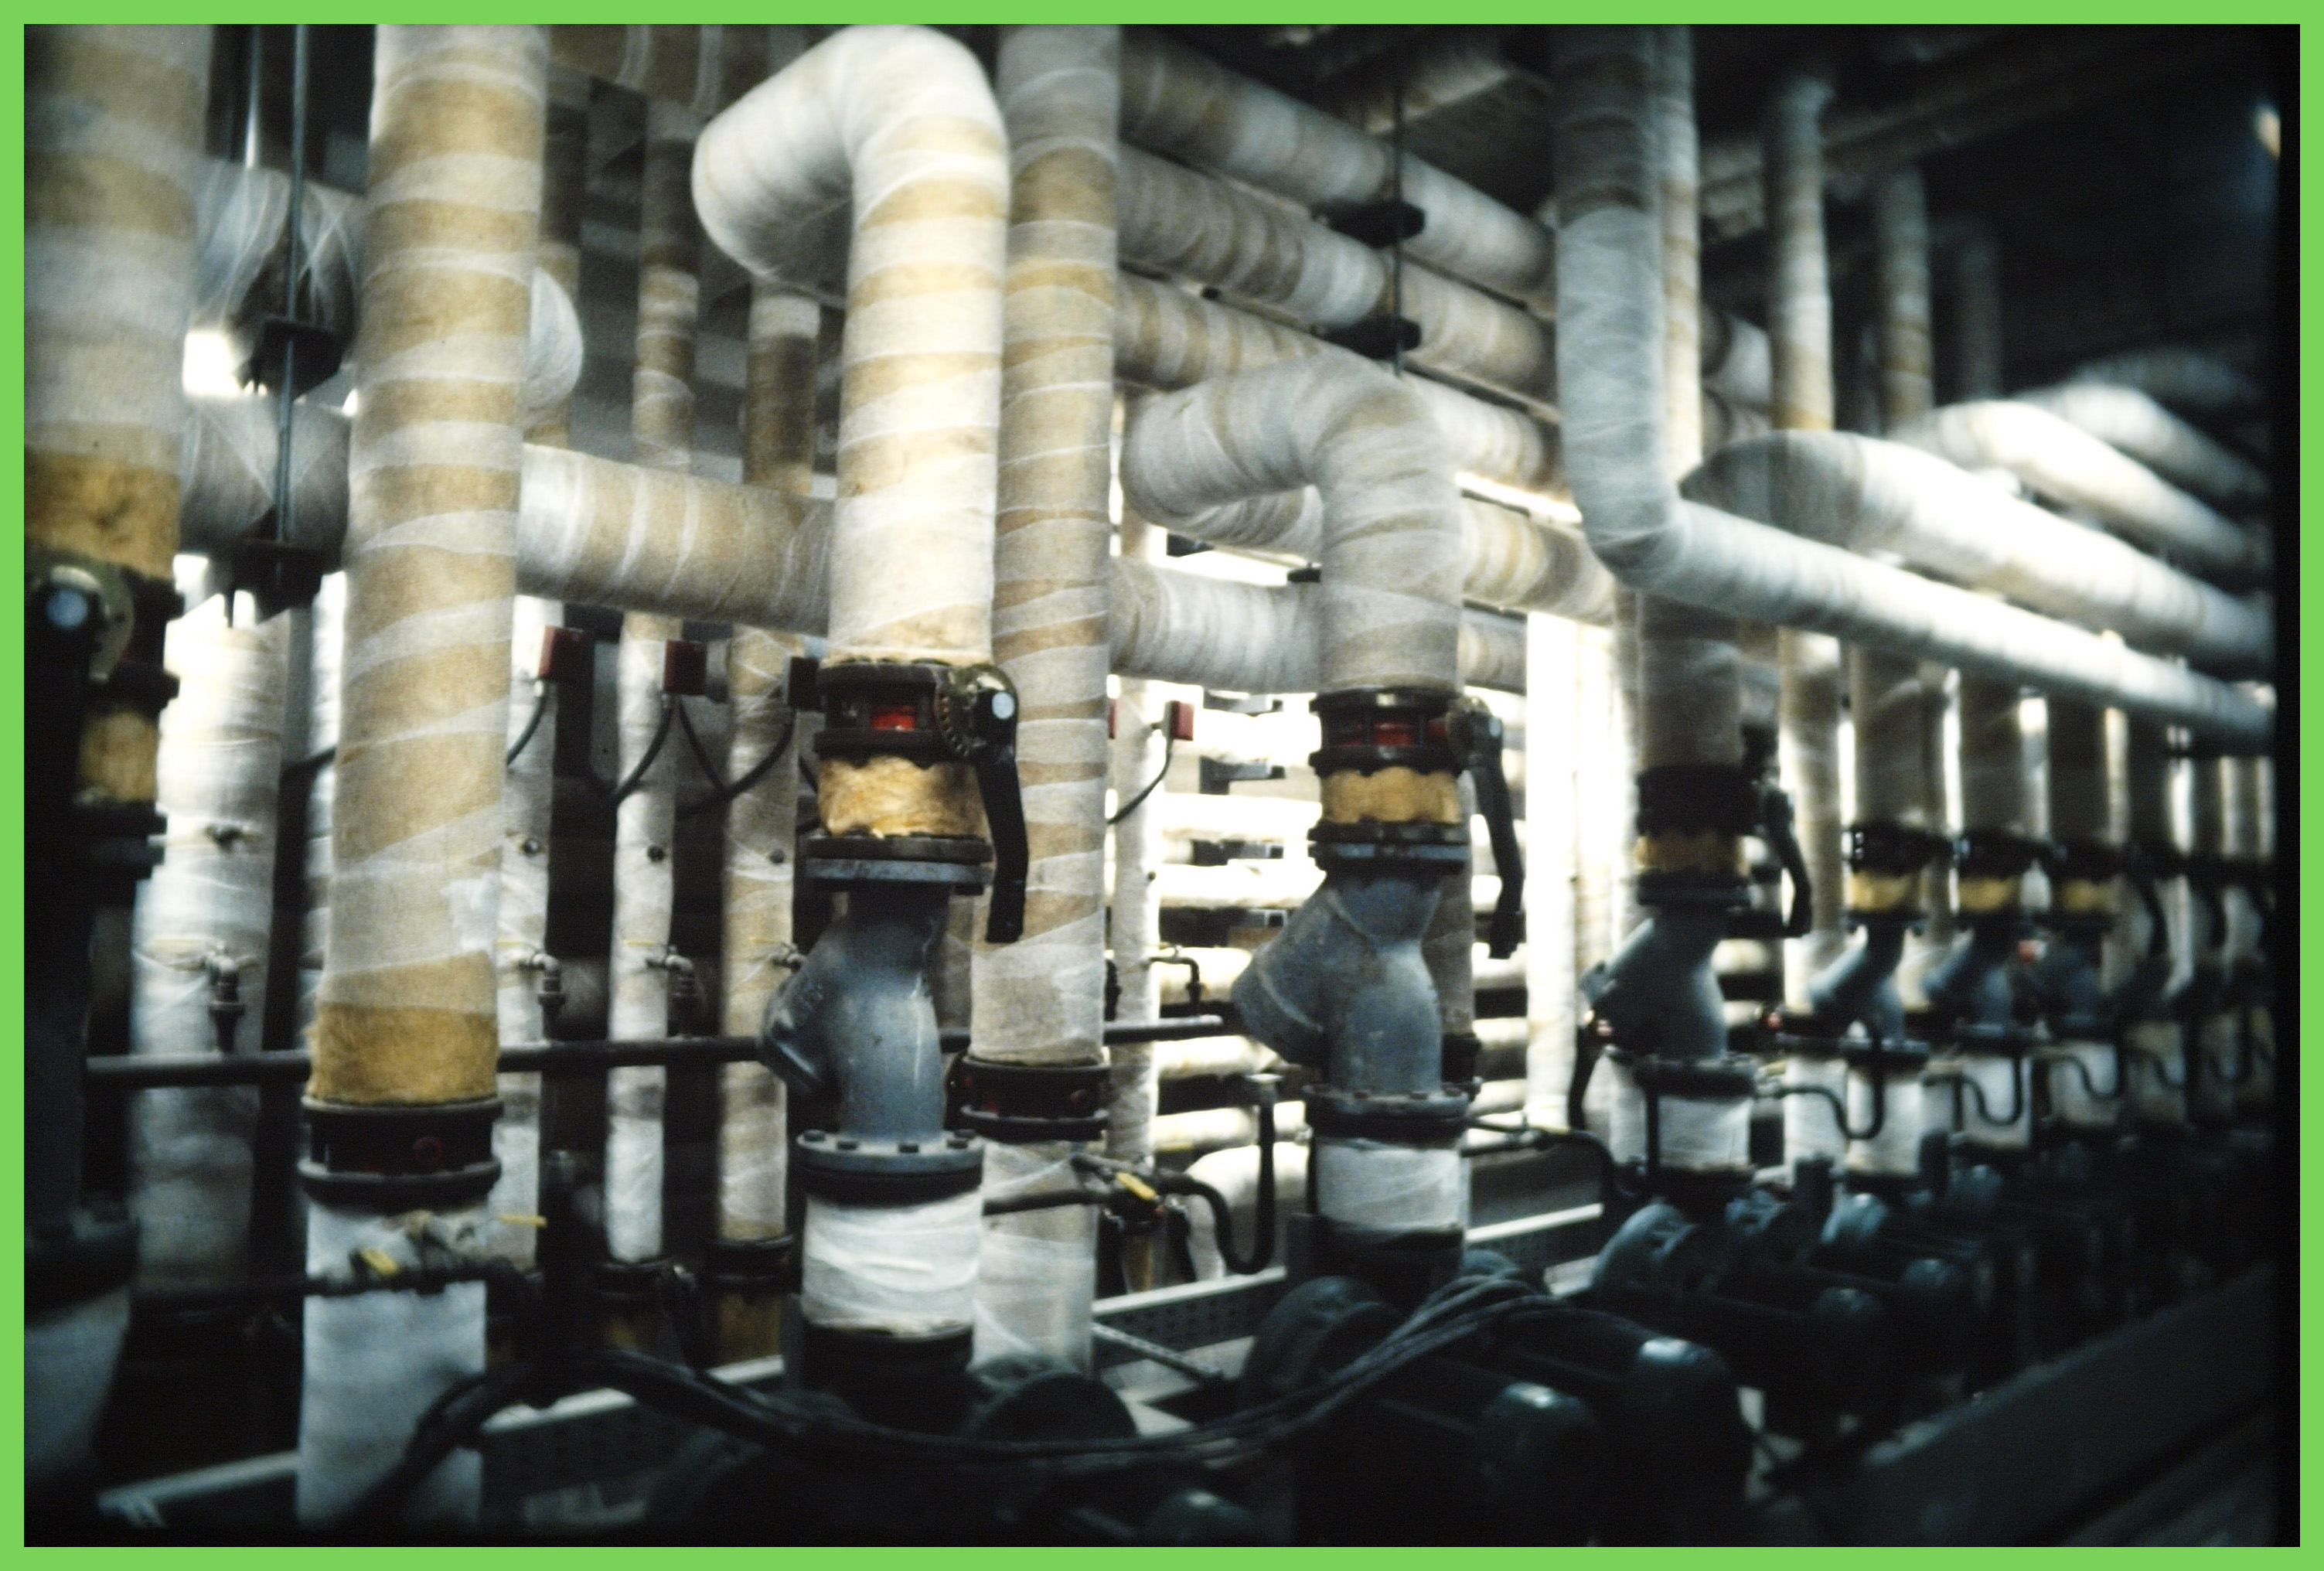 Aislamientos impermeabilizaciones e aislamientos revi s l - Aislamiento de fibra de vidrio ...